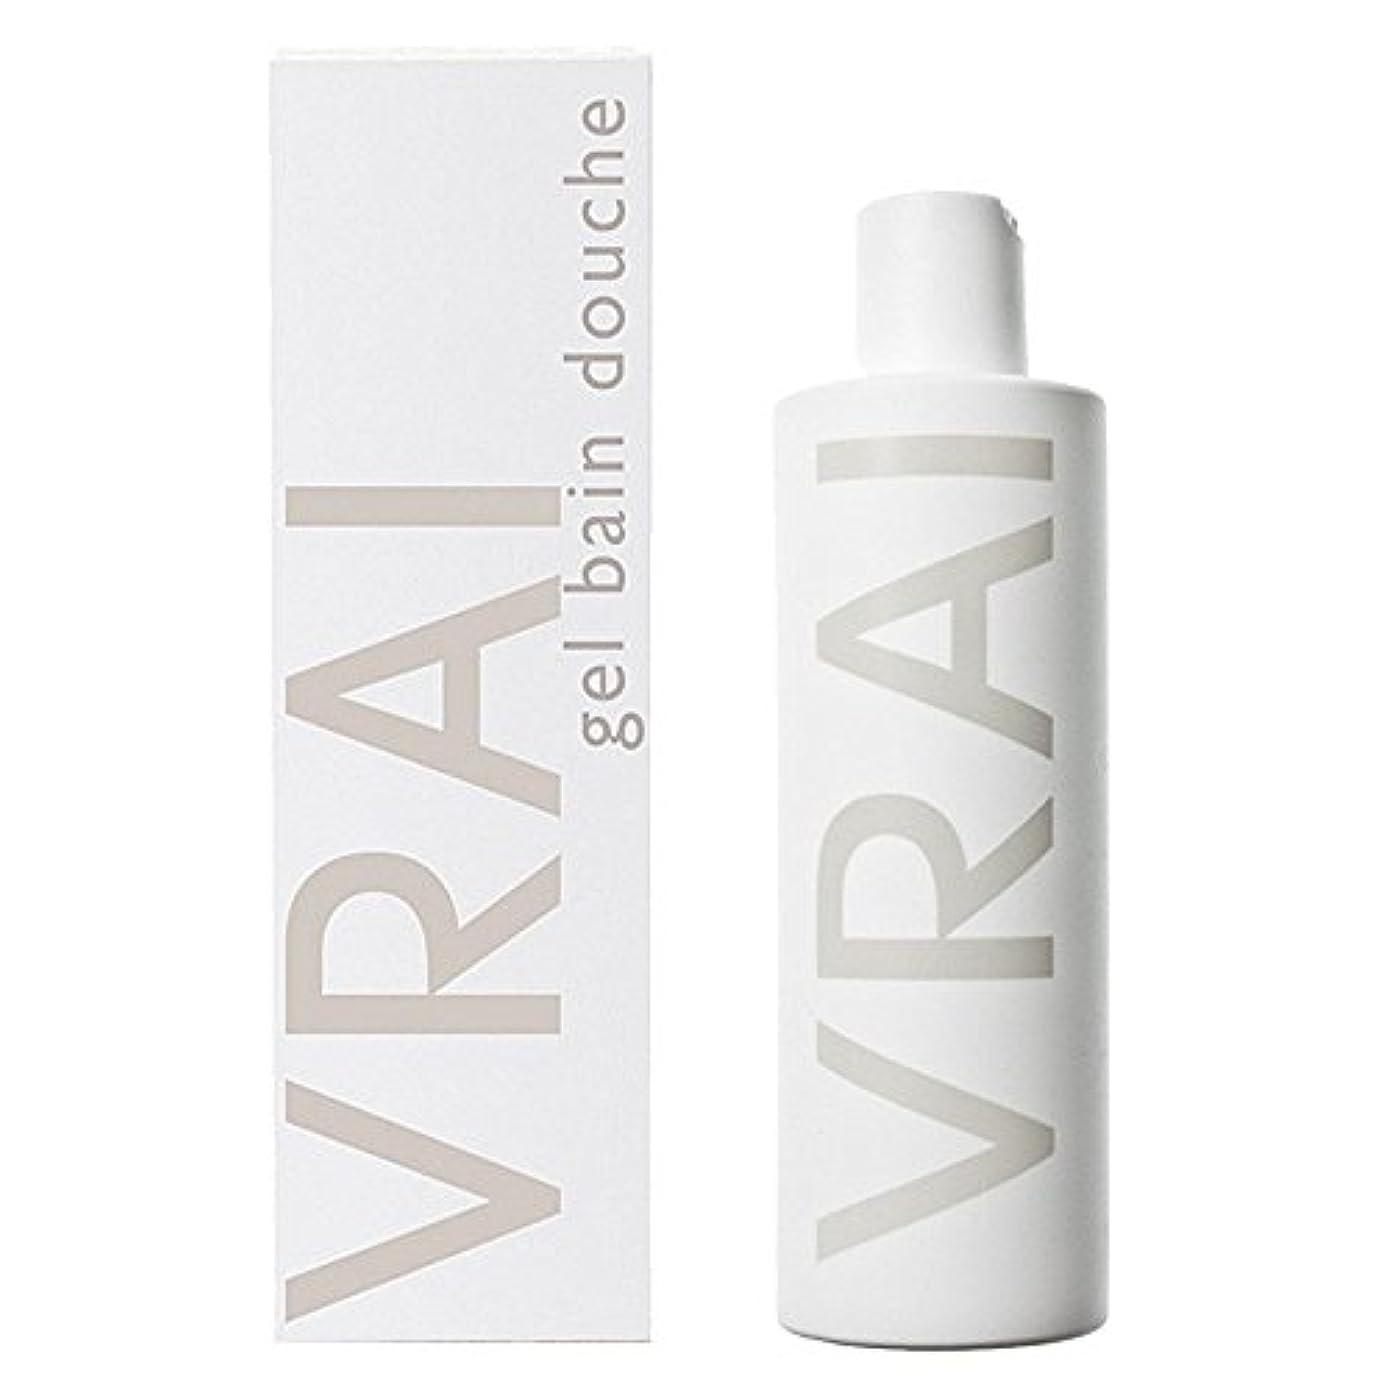 ホールドイノセンスクールFragonard VRAI (フラゴナール ブライ) 8.3 oz (250ml) Bath & Shower Gel